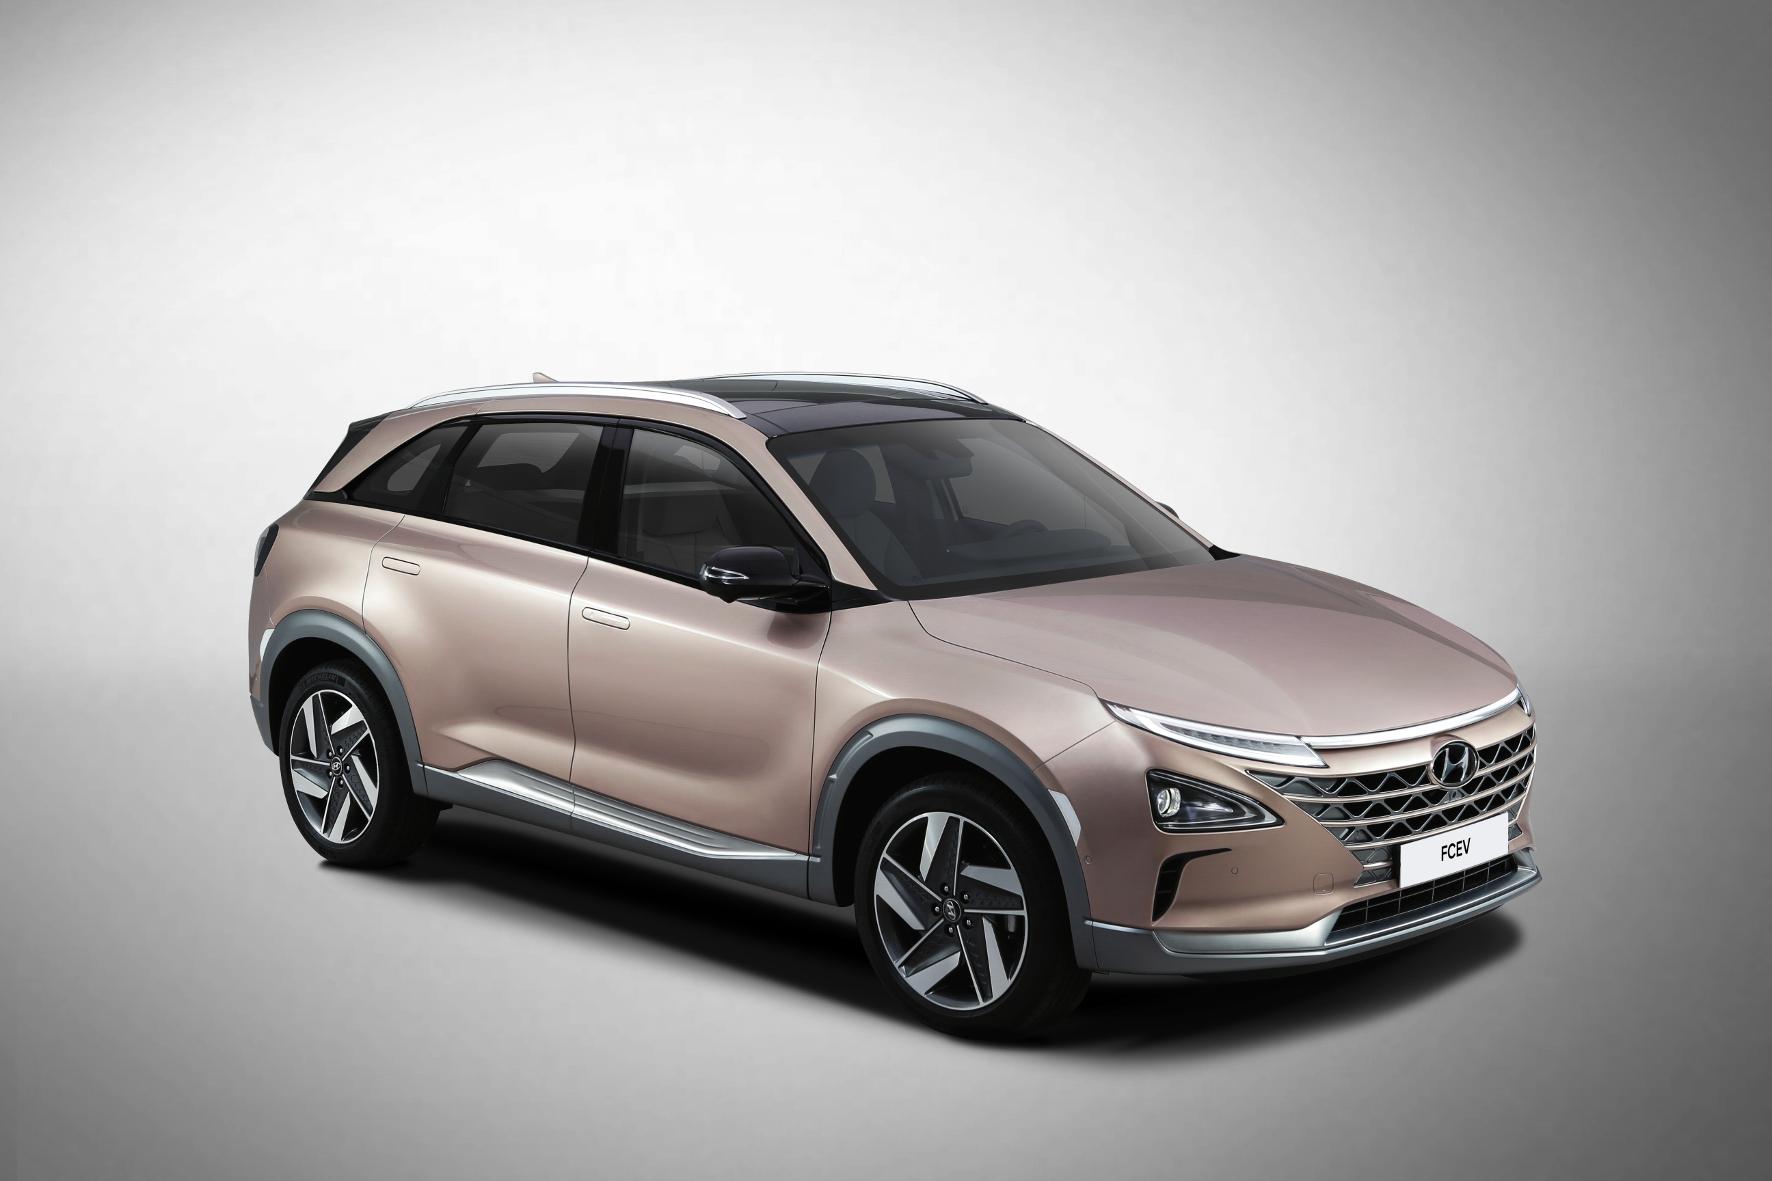 Präsentation: Hyundai stellte künftiges Brennstoffzellenauto in Las Vegas vor